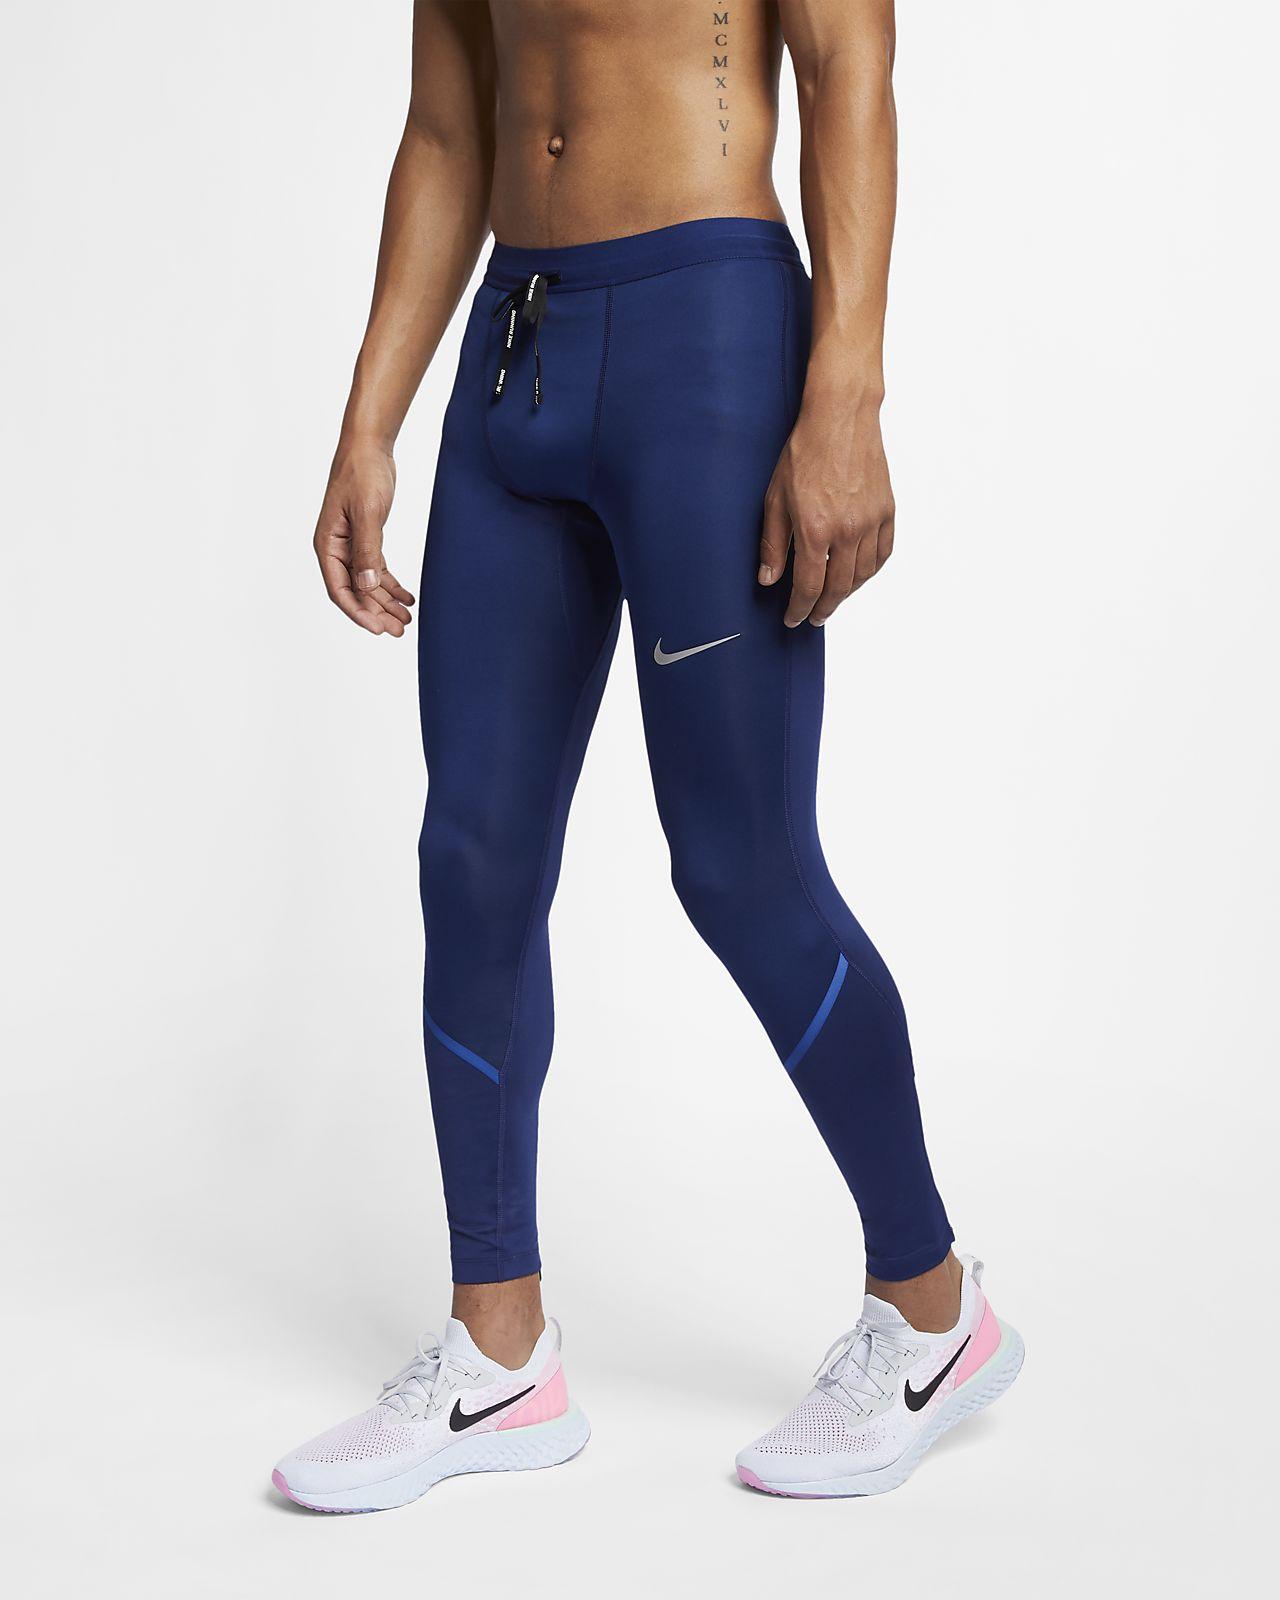 reputable site aed5c e6e19 ... Nike Power Tech Mallas de running - Hombre